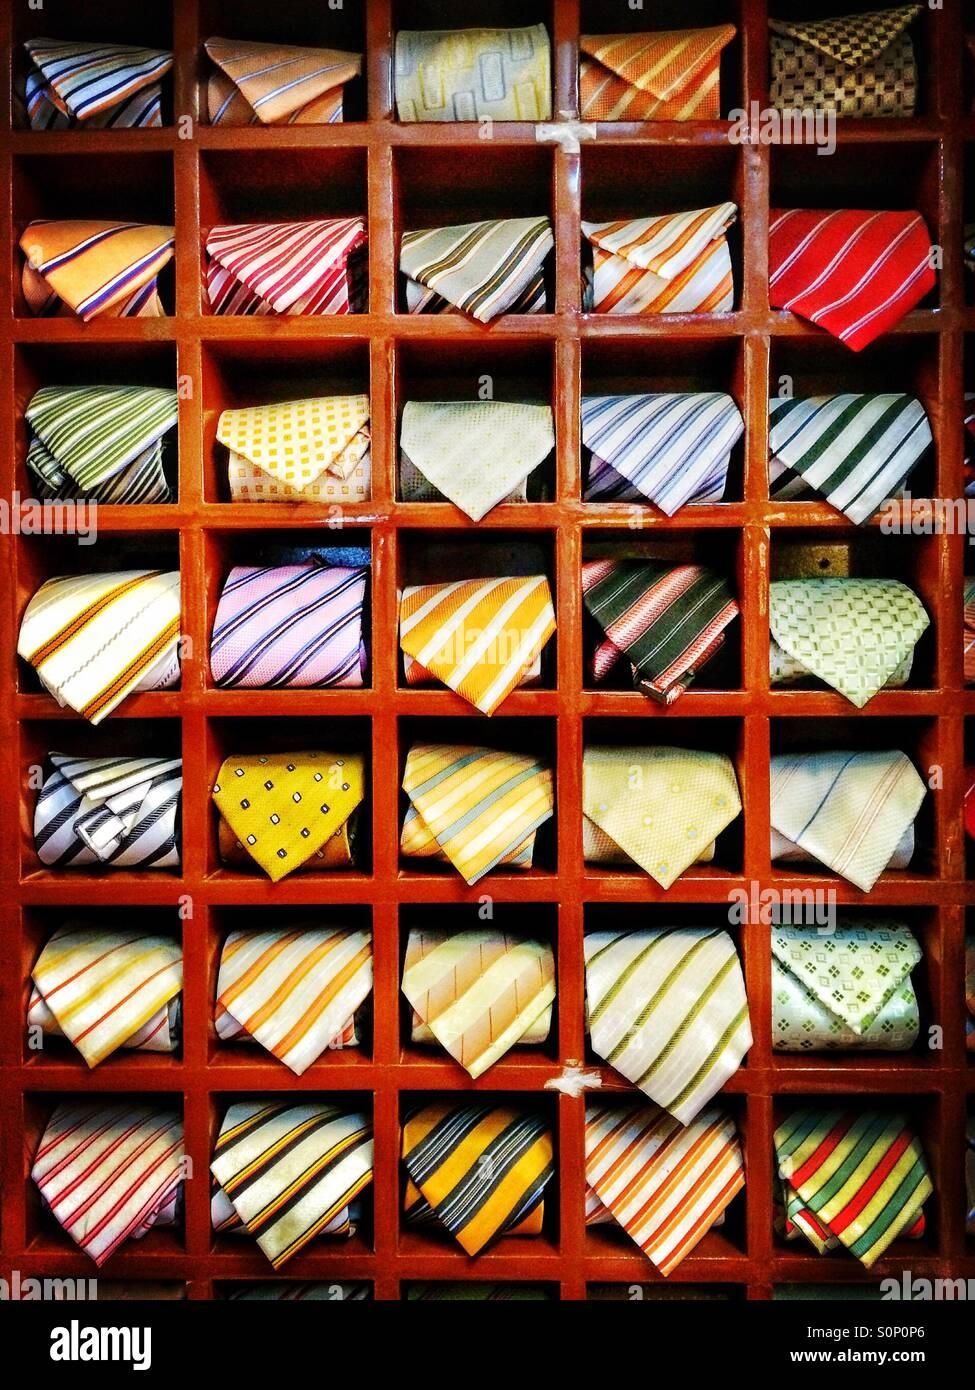 Tie rack Stock Photo: 310270190 - Alamy